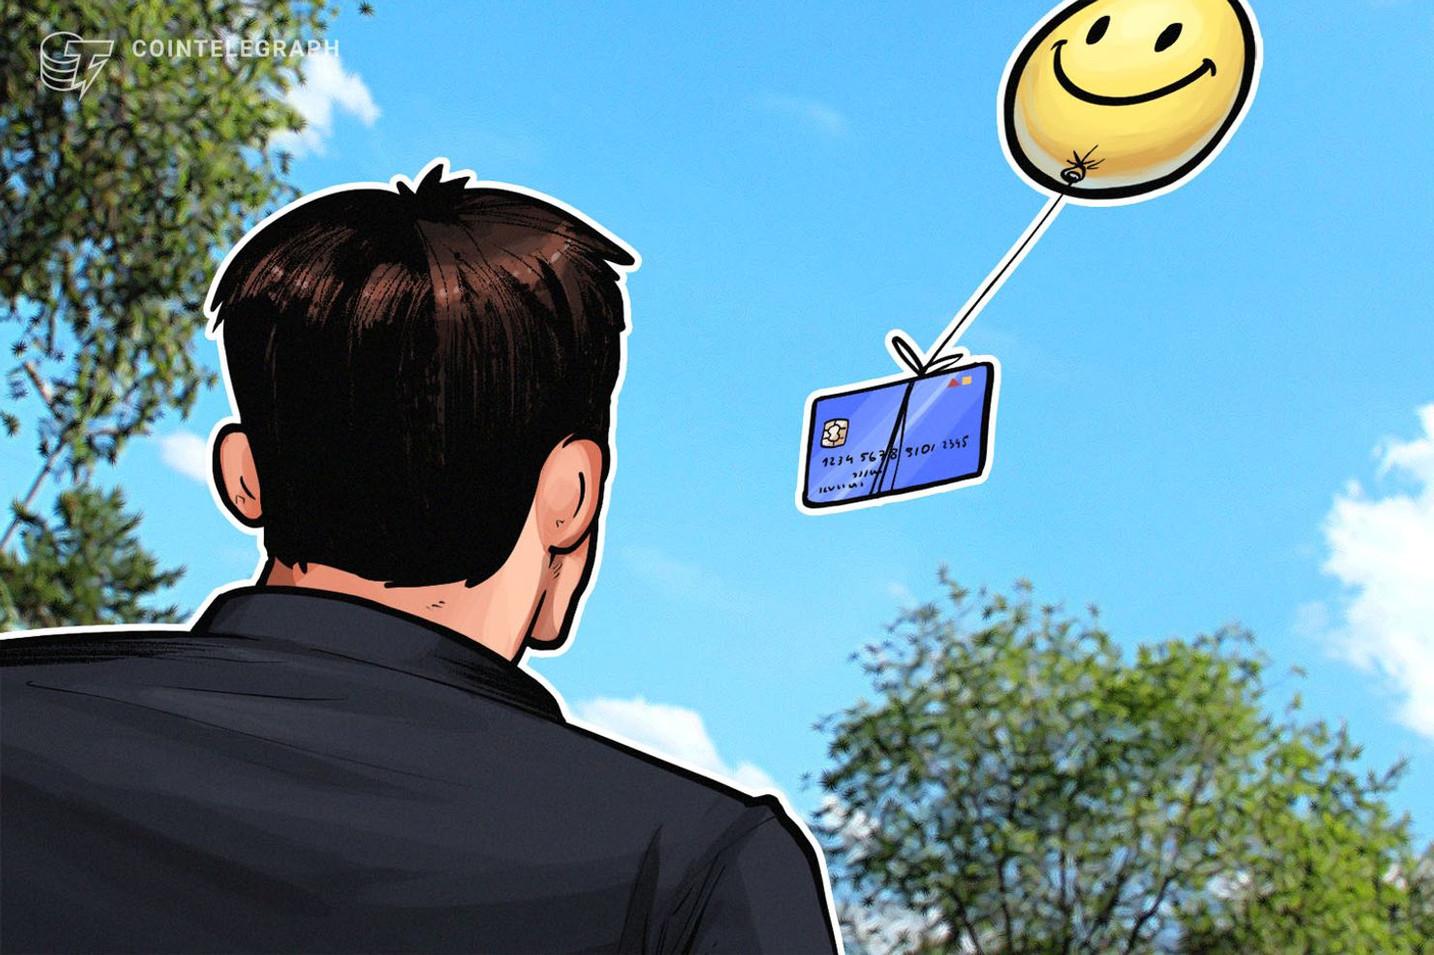 【速報】Liquid ビザやマスターカードでビットコインなど仮想通貨の購入が可能に「近い将来」円やドルの対応も